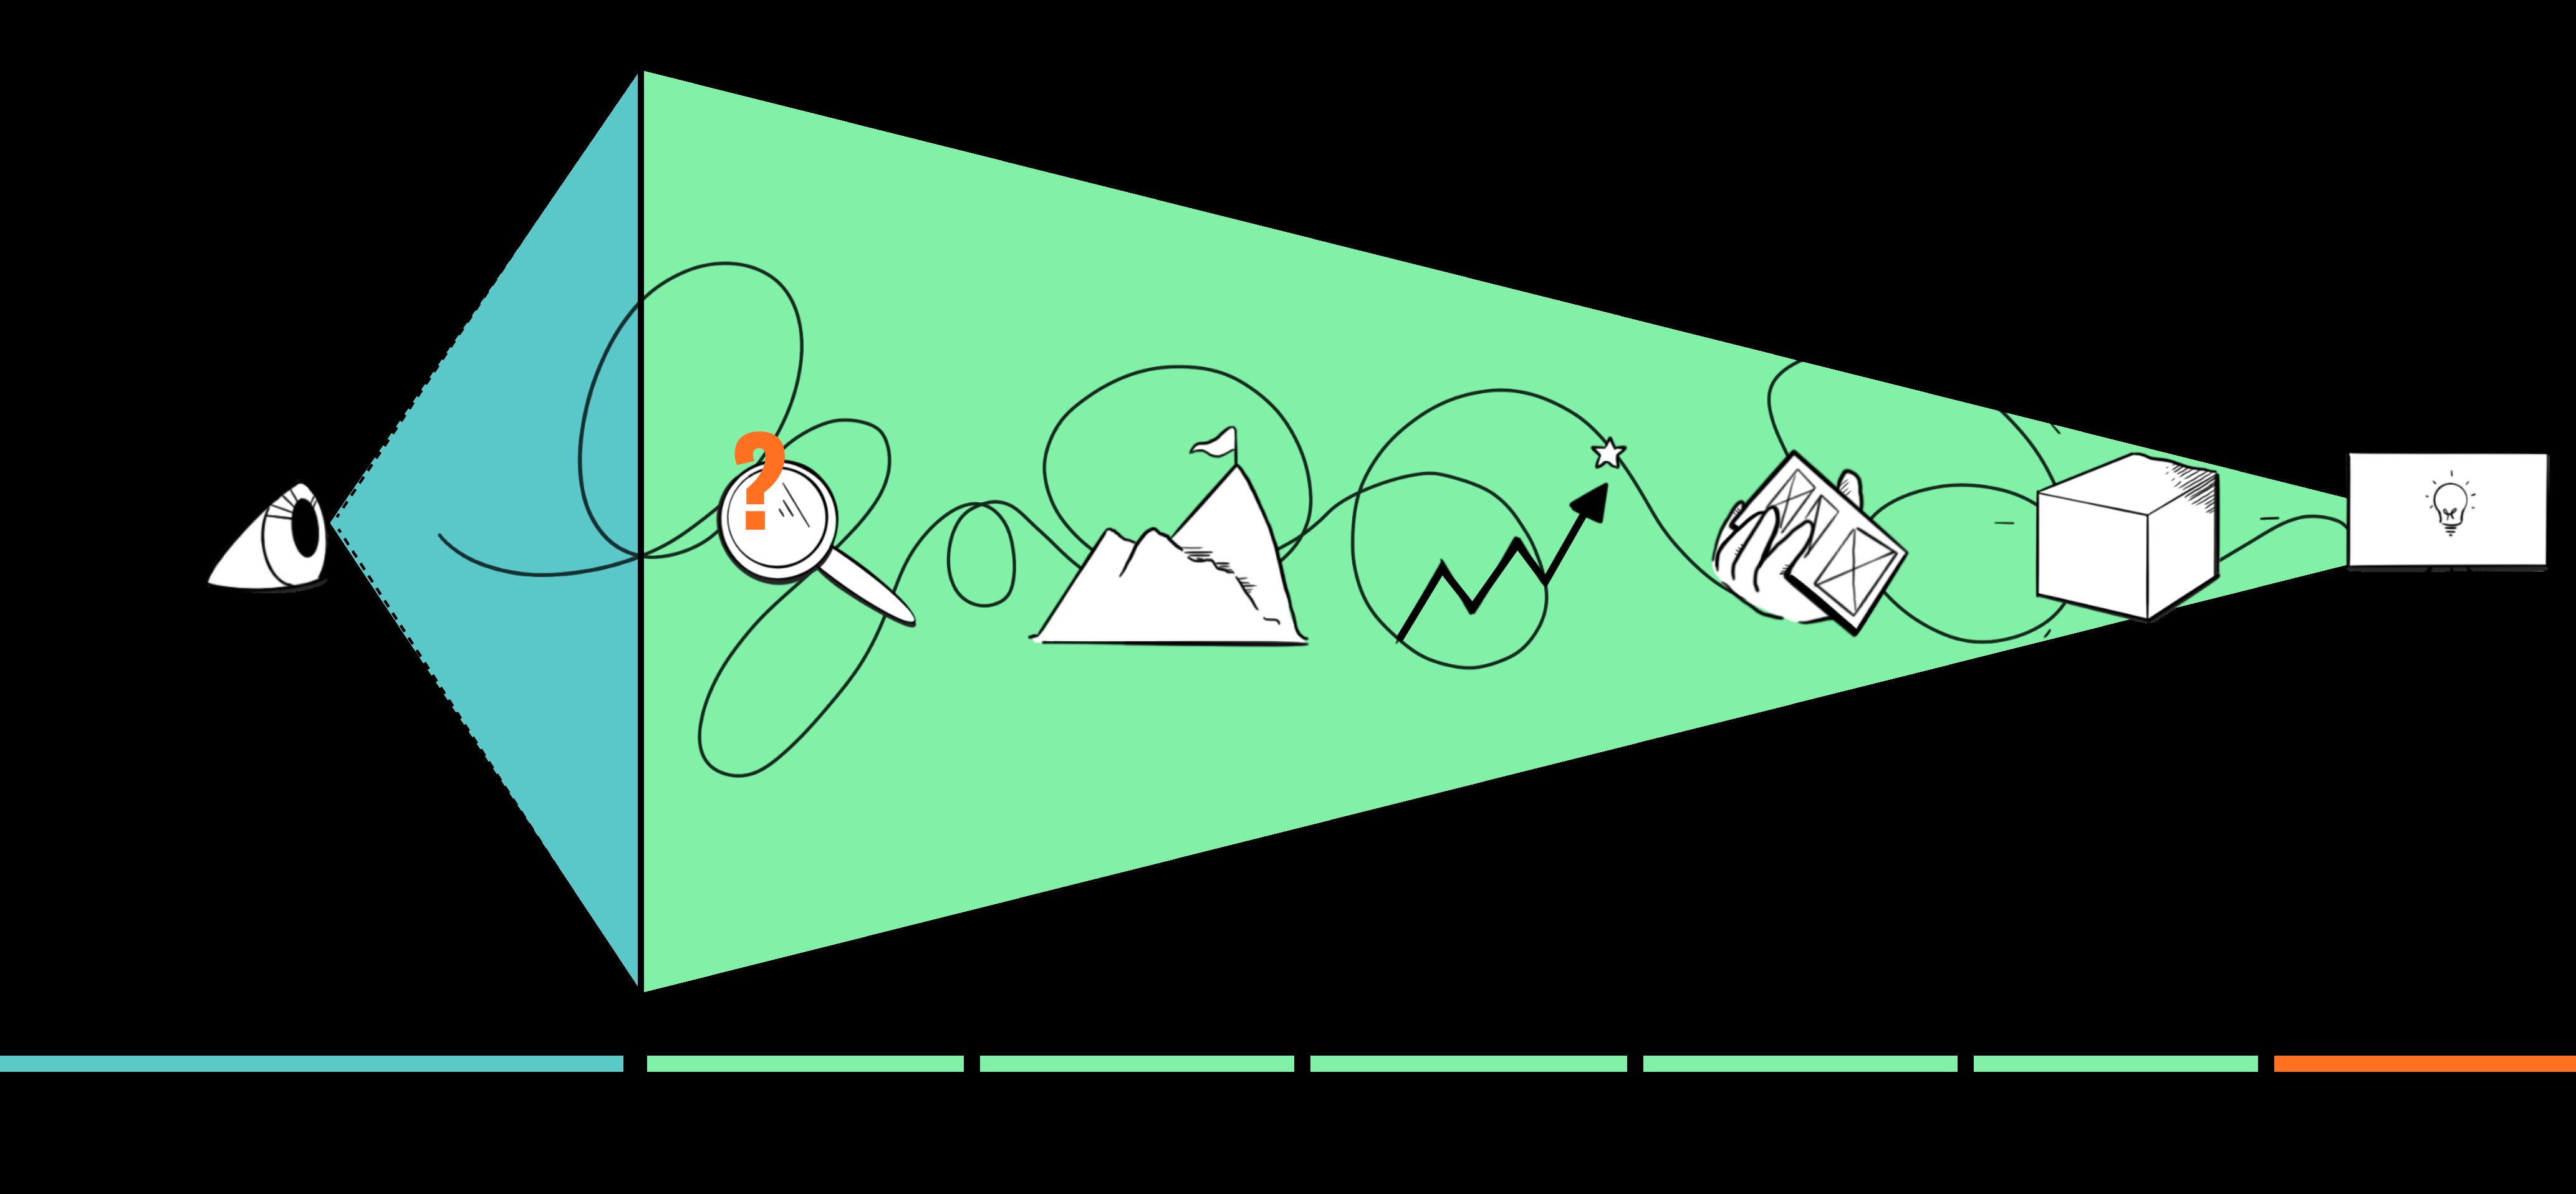 Illustrasjon av fasene i sommersprinten for bedrift